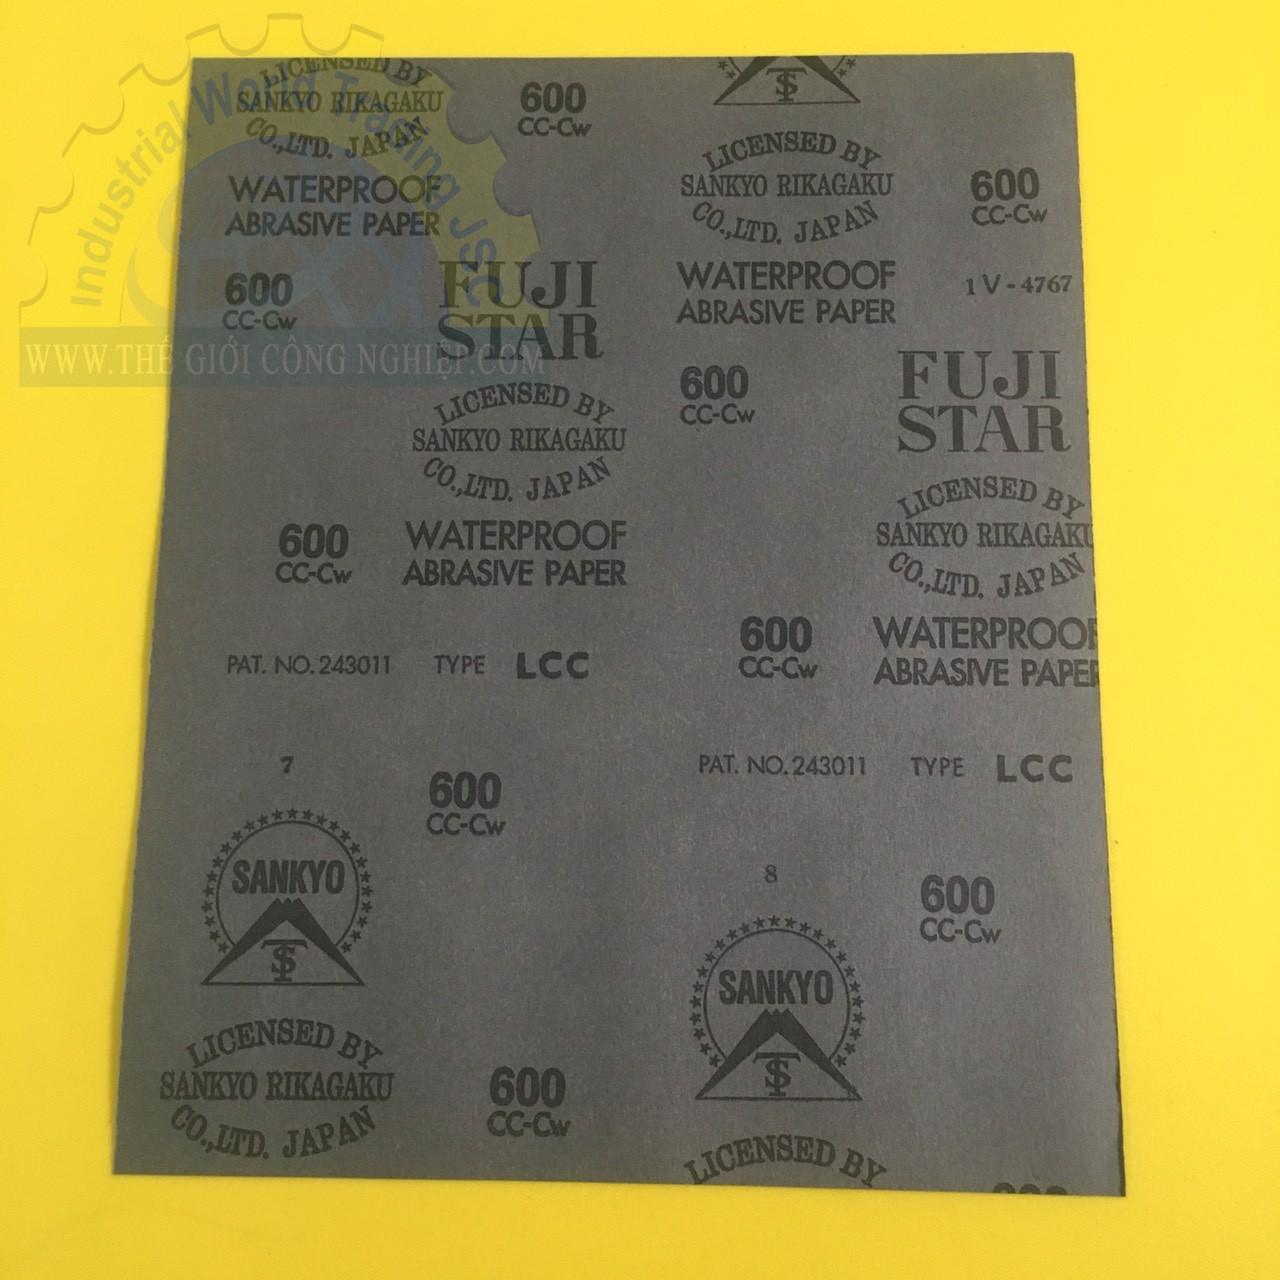 Giấy nhám chịu nước, kích thước 230mm x 280mm, độ nhám P600, quy cách 100 tờ/hộp  P-600 Fujistar